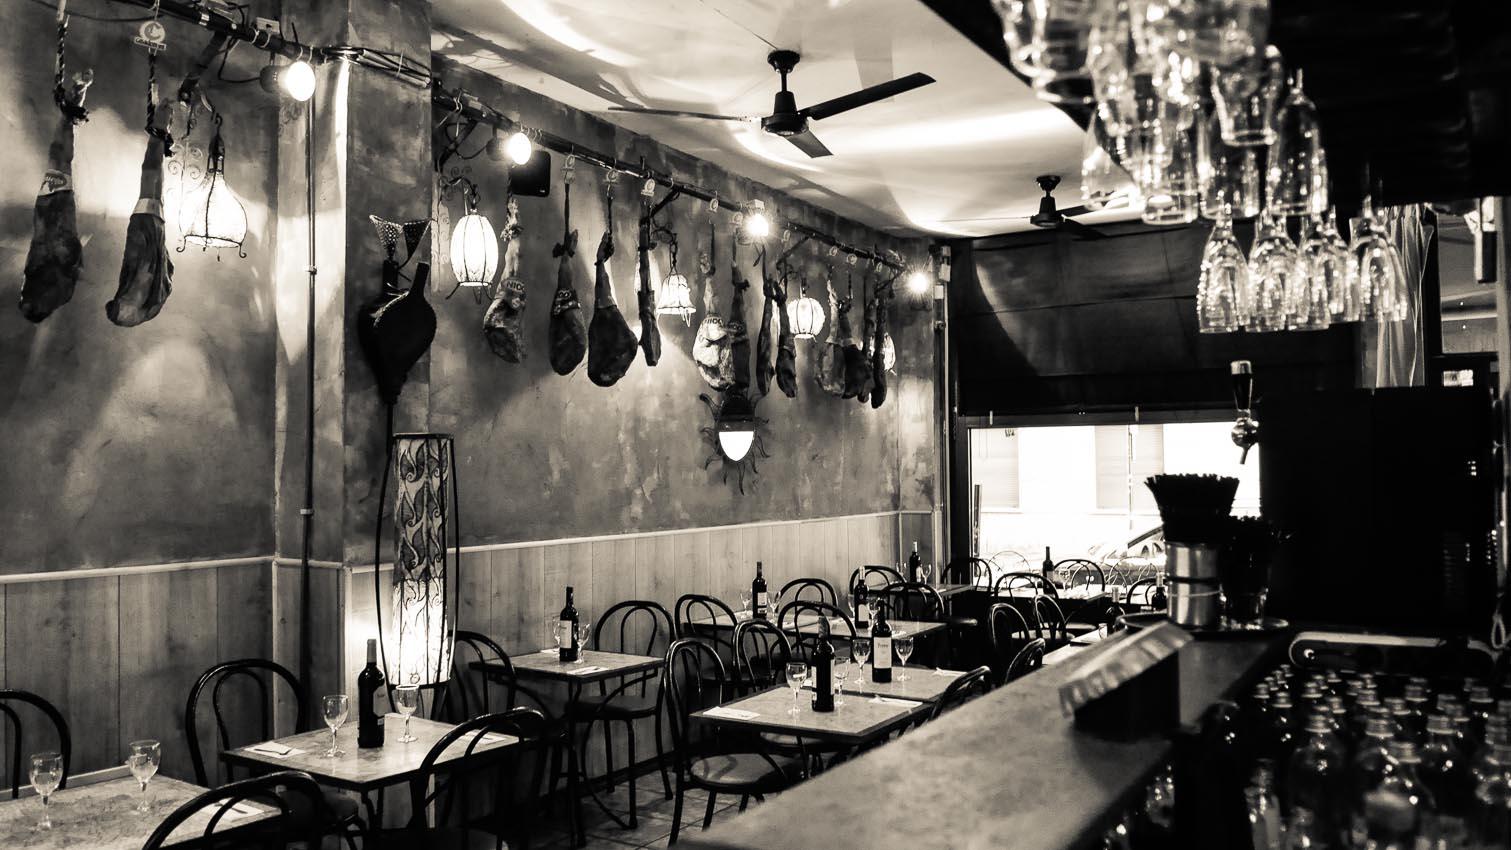 21-cafe-bar-resto-nightclub-decors-film-cinema-photo-belgium-bruxelles